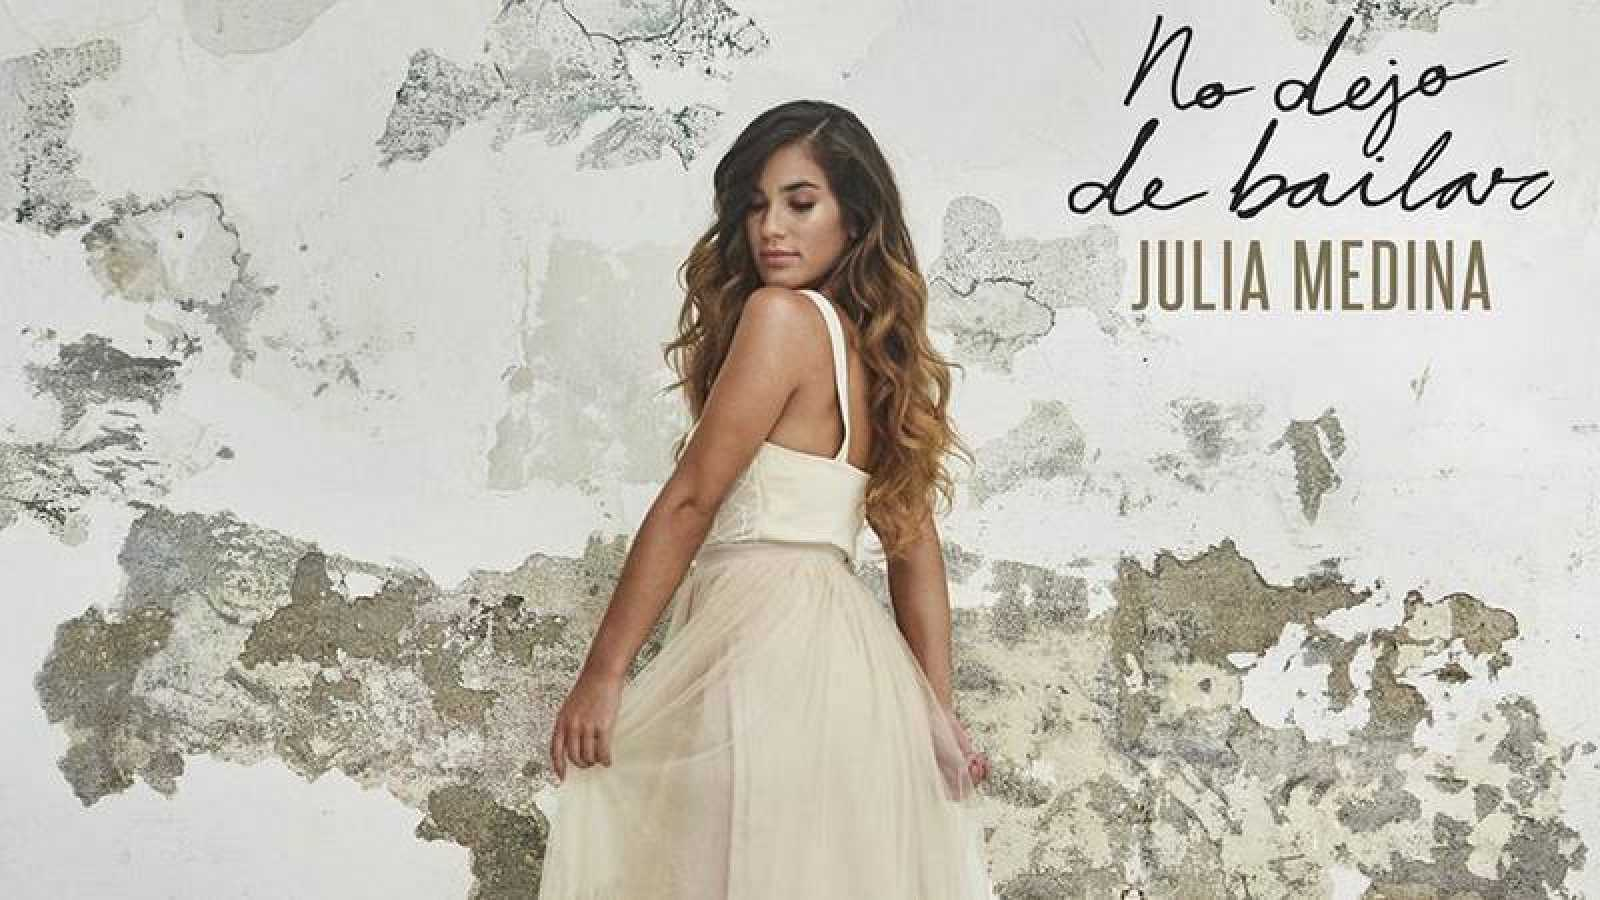 """Julia Medina publica """"No dejo de bailar"""", su primer disco de estudio"""